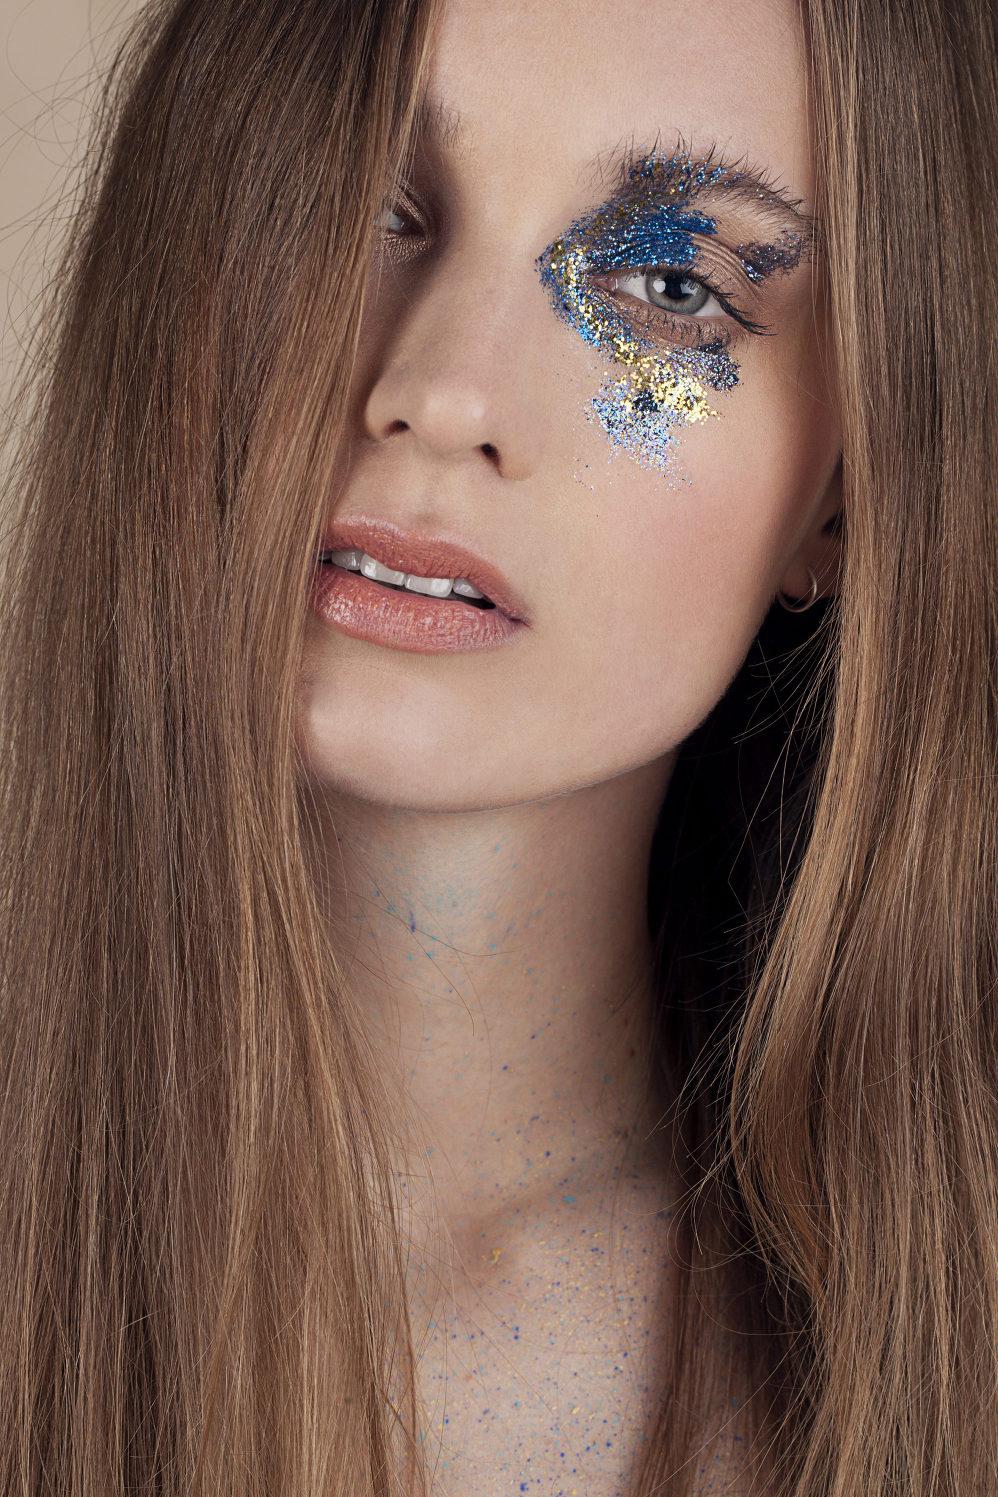 make-up artist, visagiste, Peggy Timmermans